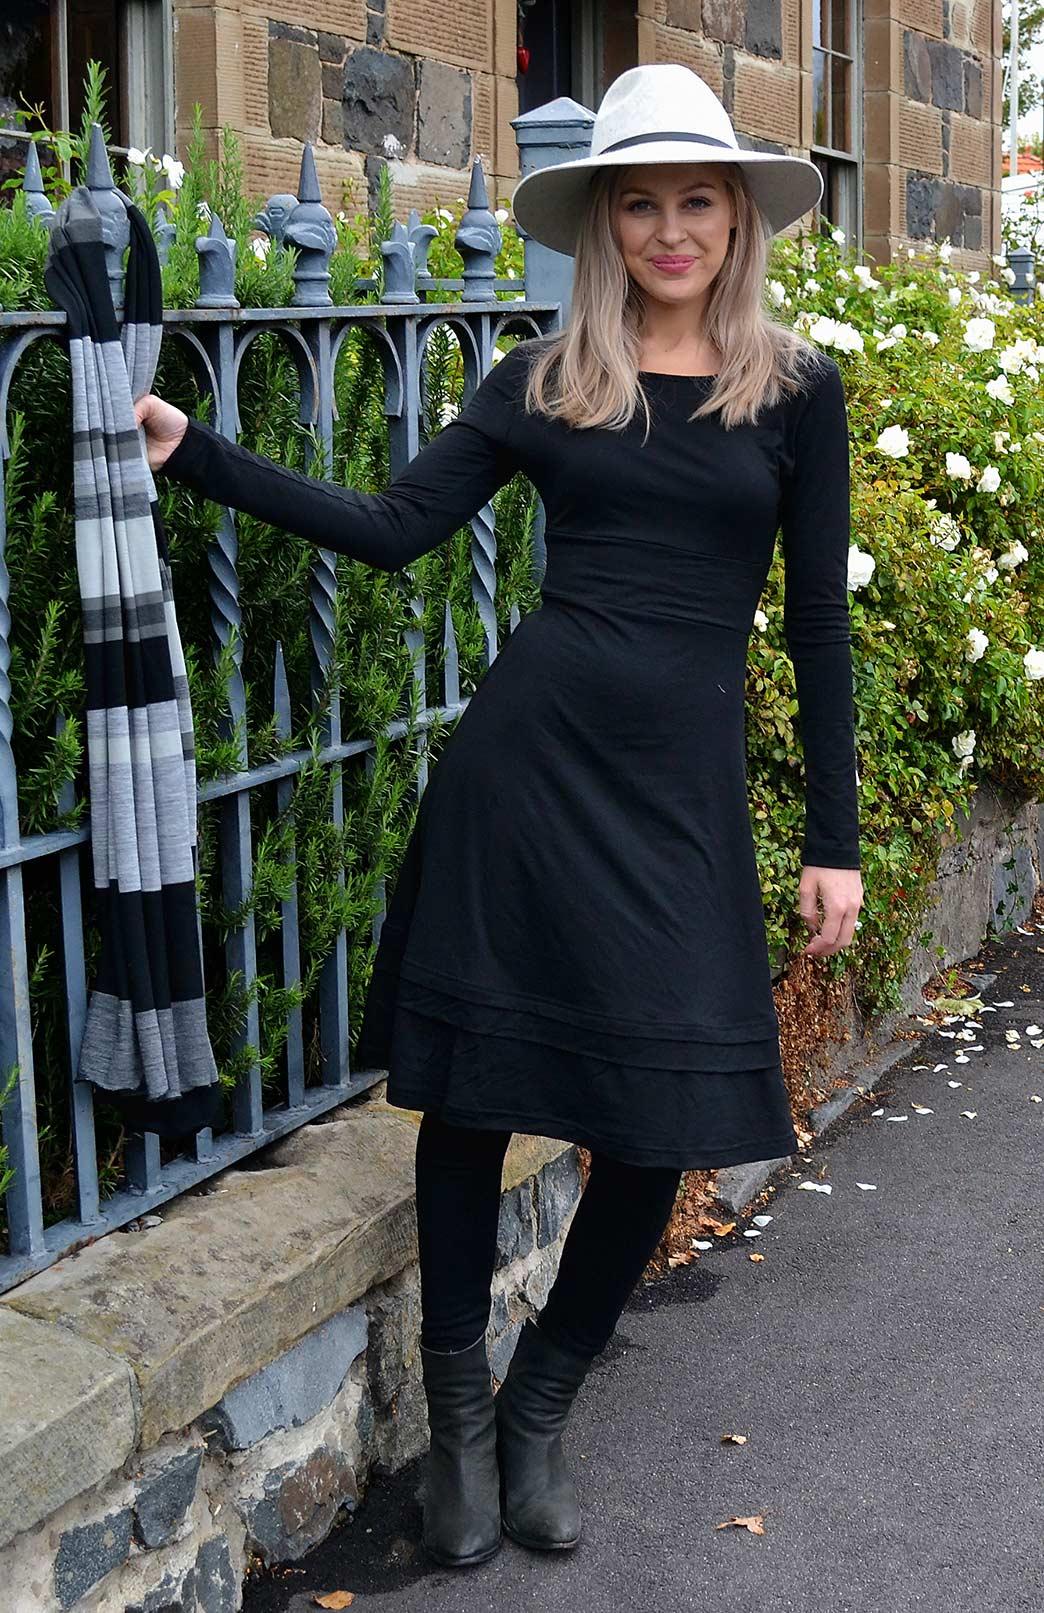 Indi Dress - Women's Black Merino Wool Classic Winter Dress - Smitten Merino Tasmania Australia